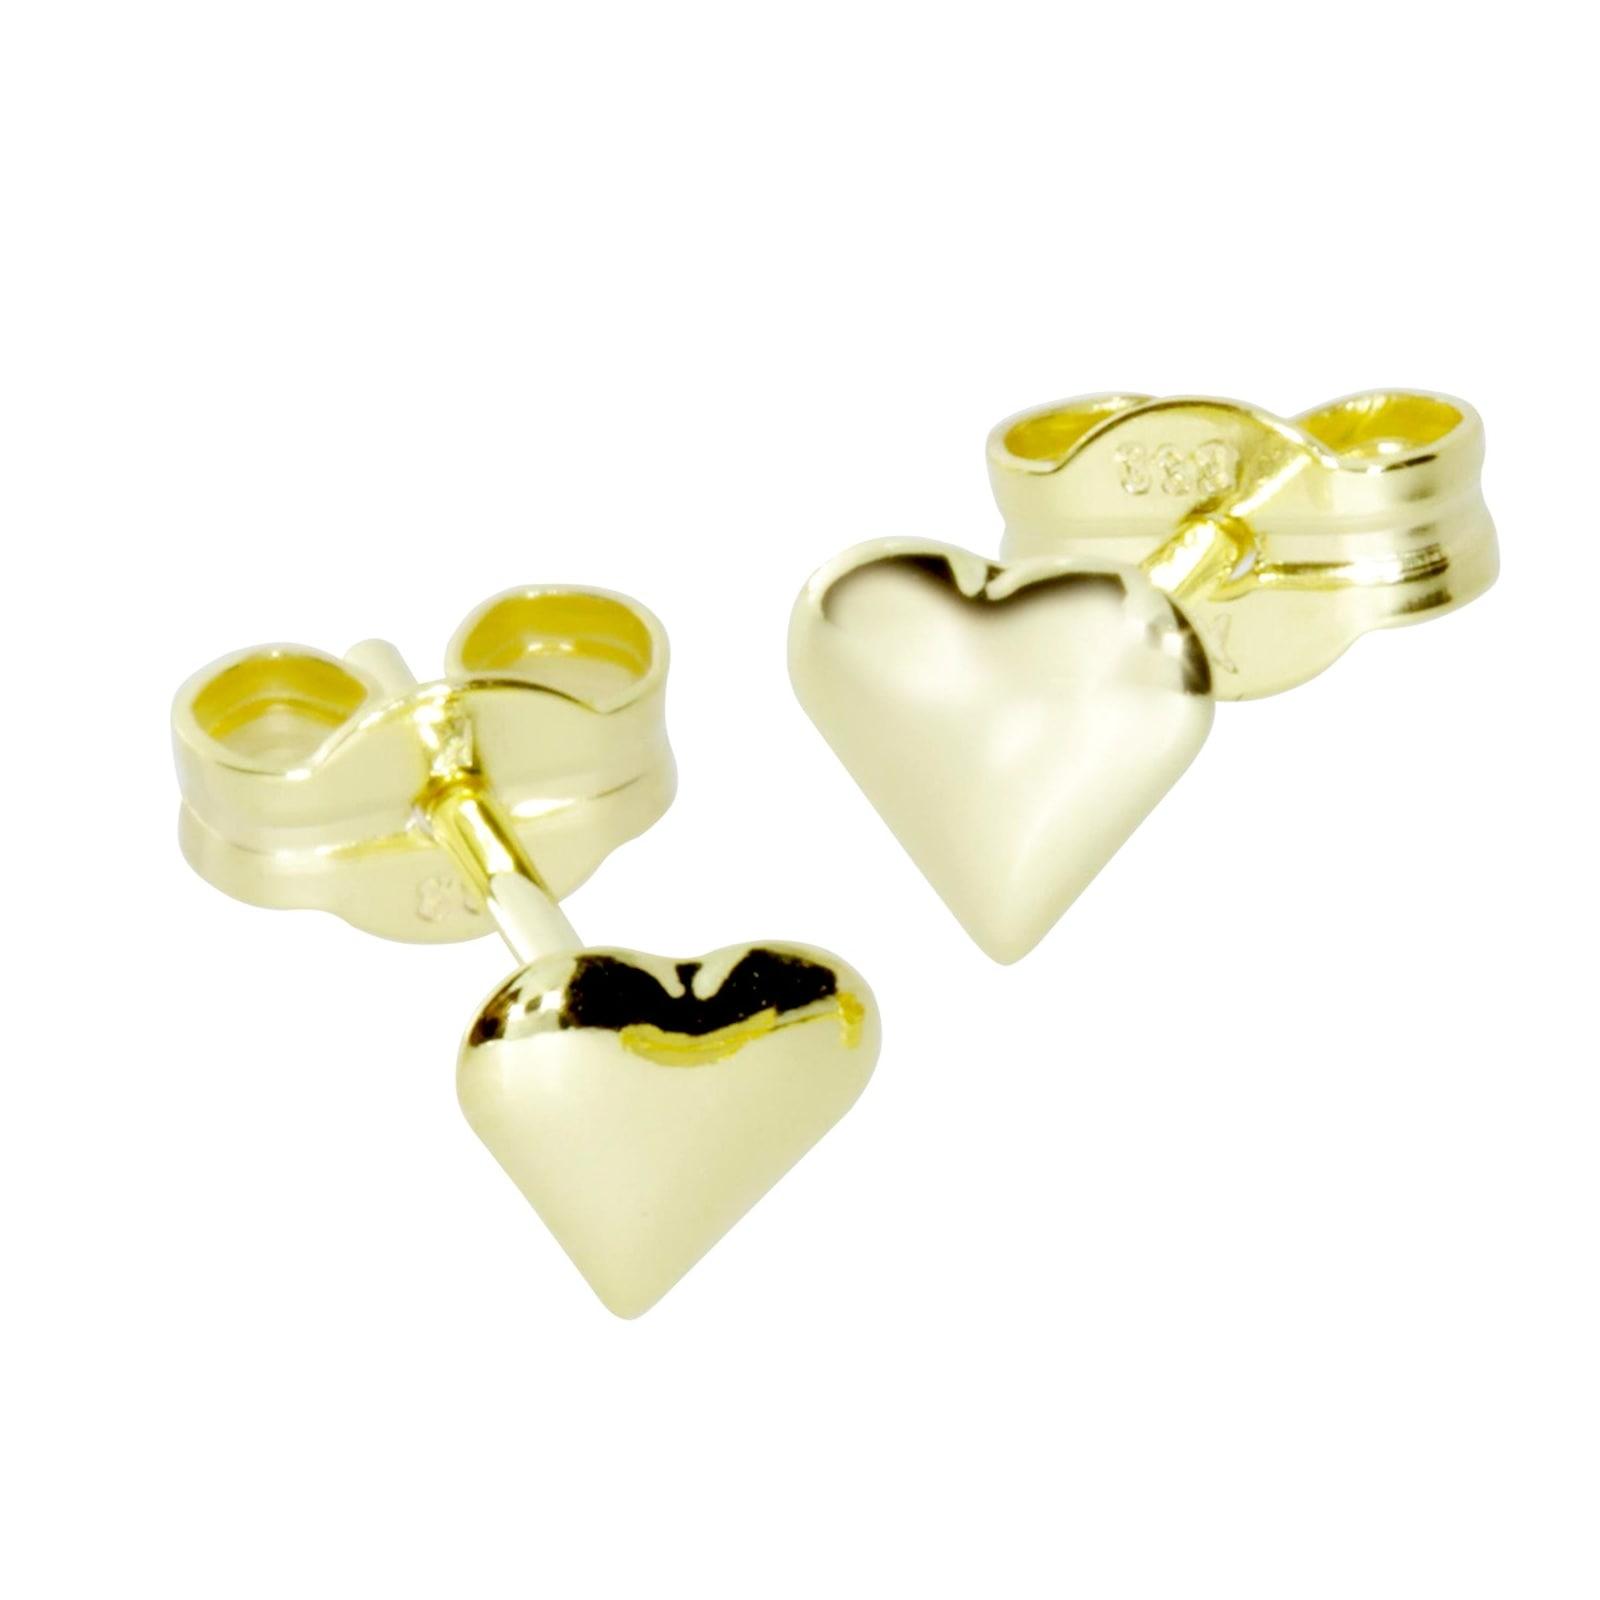 OSTSEE-SCHMUCK Paar Ohrstecker kleines Herz Gold 333/000 | Schmuck > Ohrschmuck & Ohrringe > Ohrstecker | Gelb | Ostsee-Schmuck